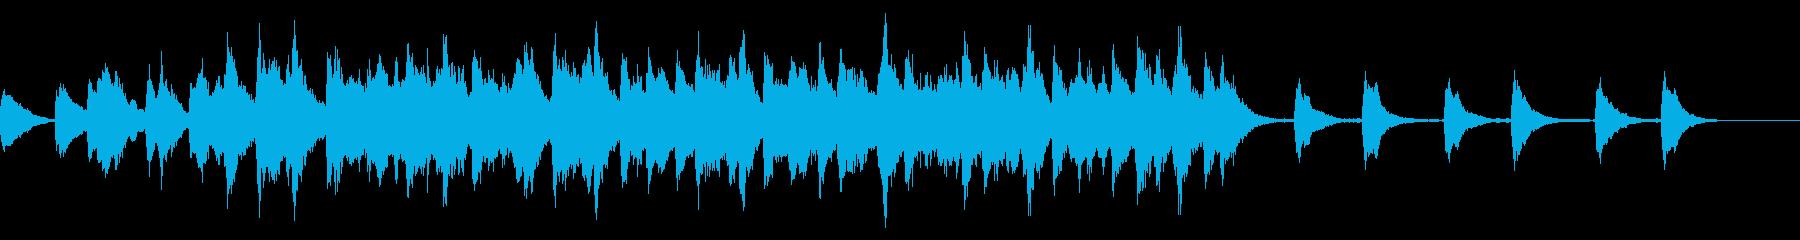 メルトン教会、6つの鐘:リンギング...の再生済みの波形